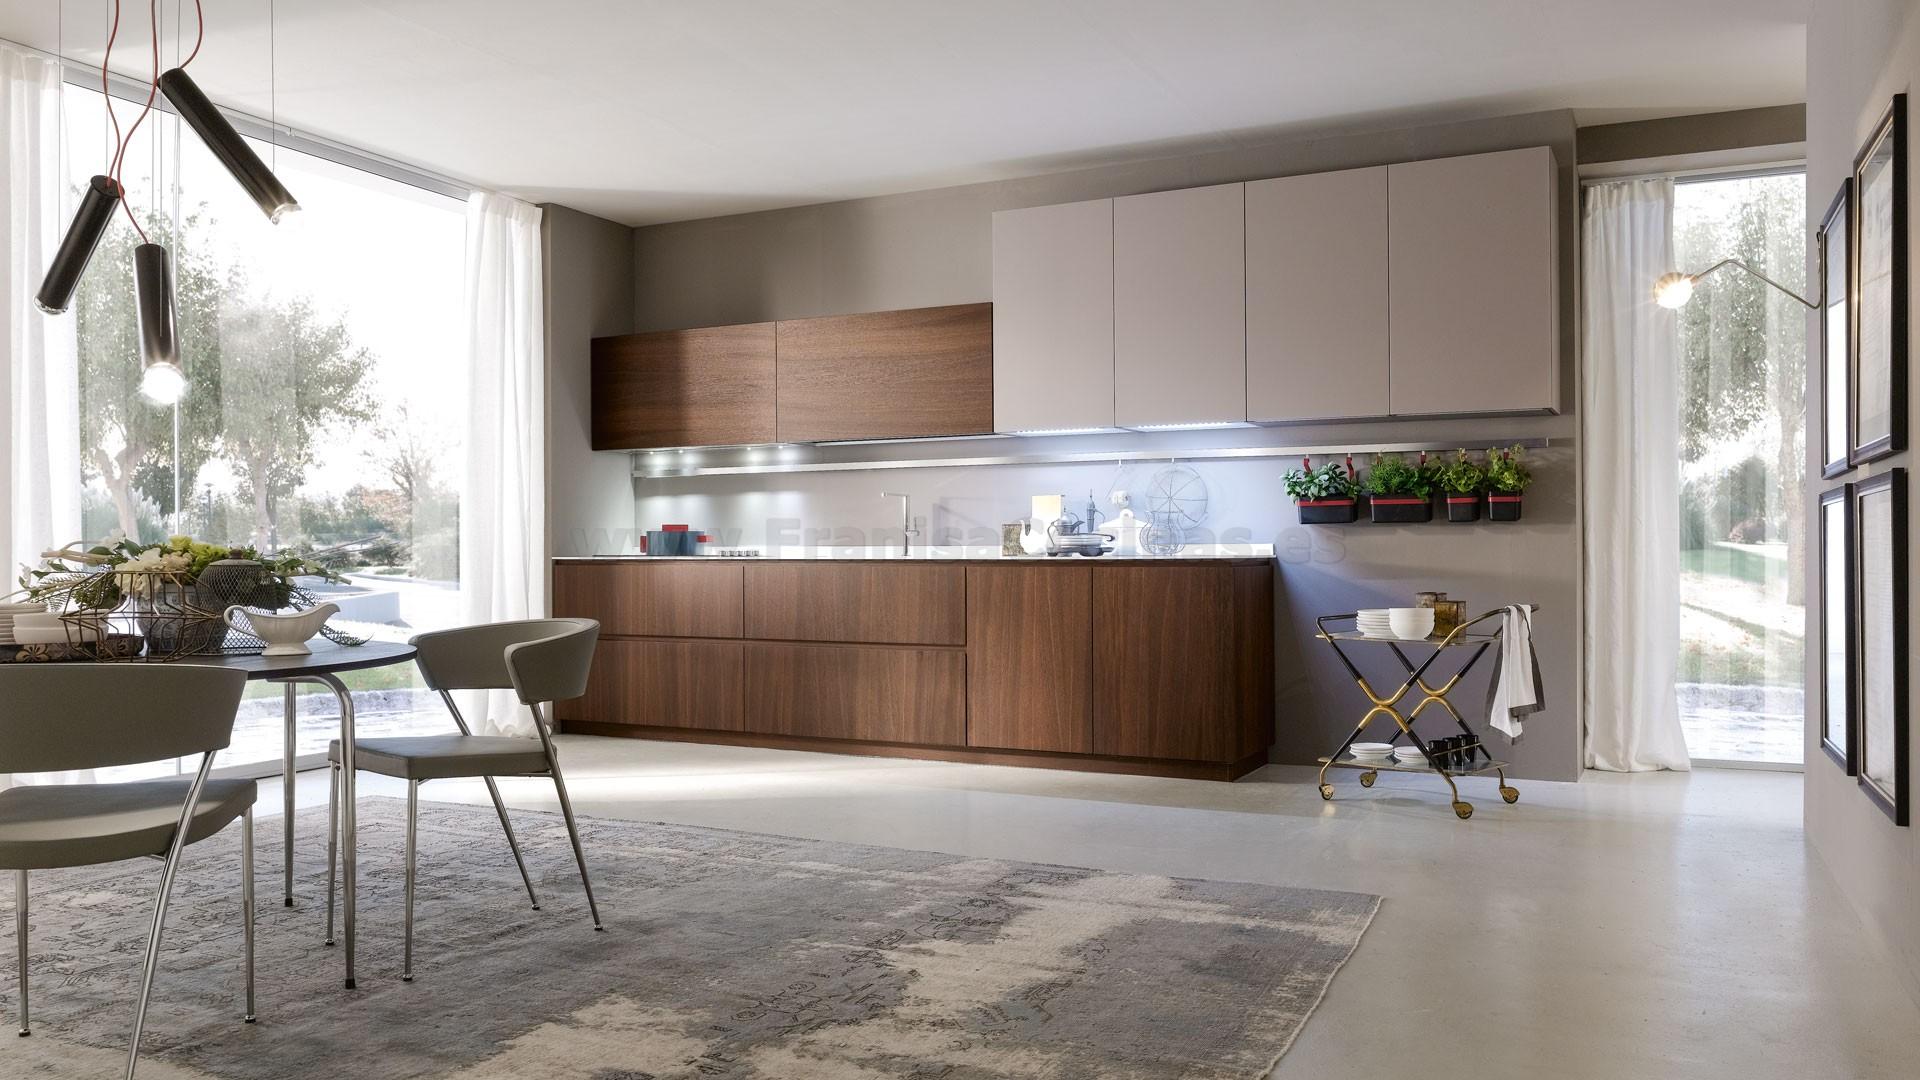 Franisa cocinas muebles de cocina muebles de ba o y - Muebles cocina valladolid ...